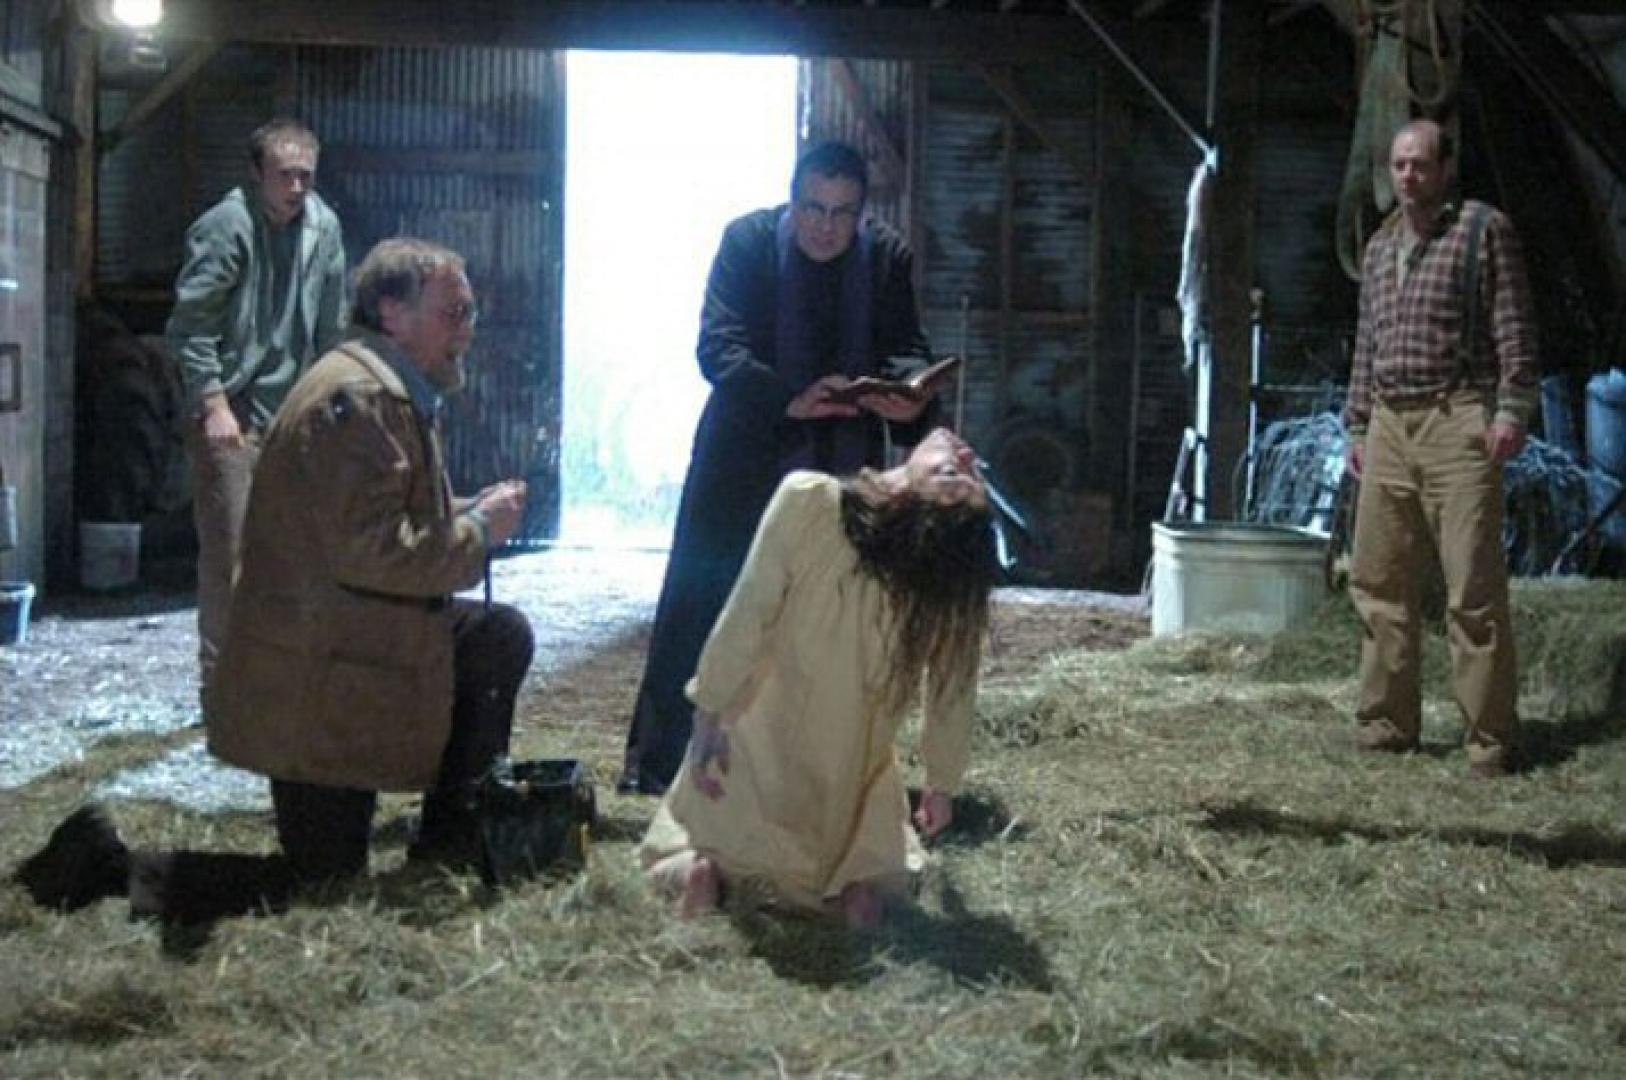 Ördögűzés Emily Rose üdvéért (2005)